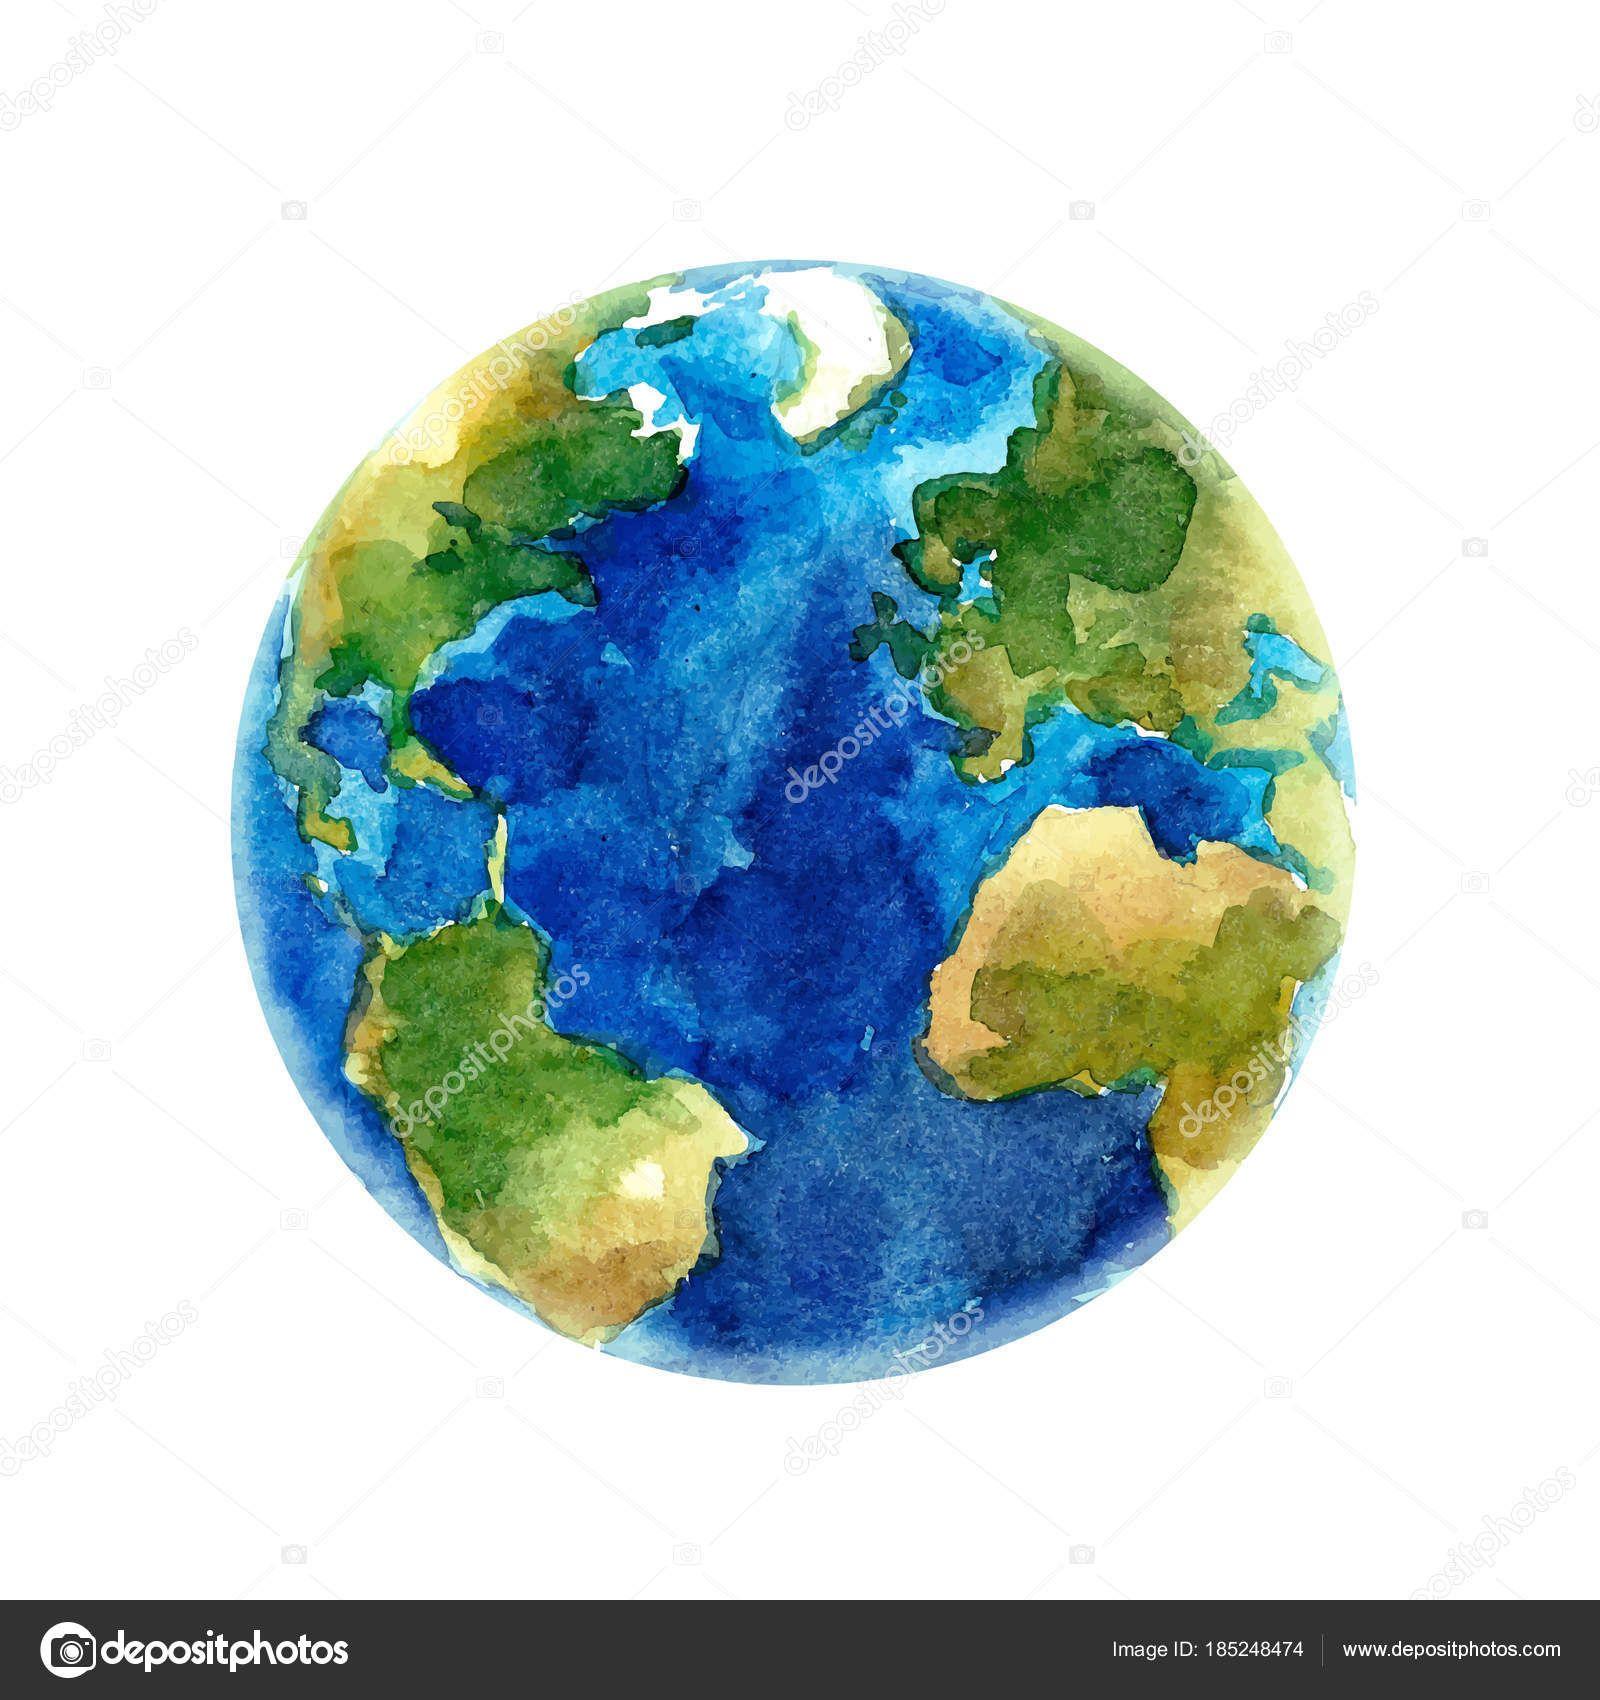 最高の壁紙 無料ダウンロード 地球 イラスト 手書き イラスト 手書き イラスト 壁紙 イラスト